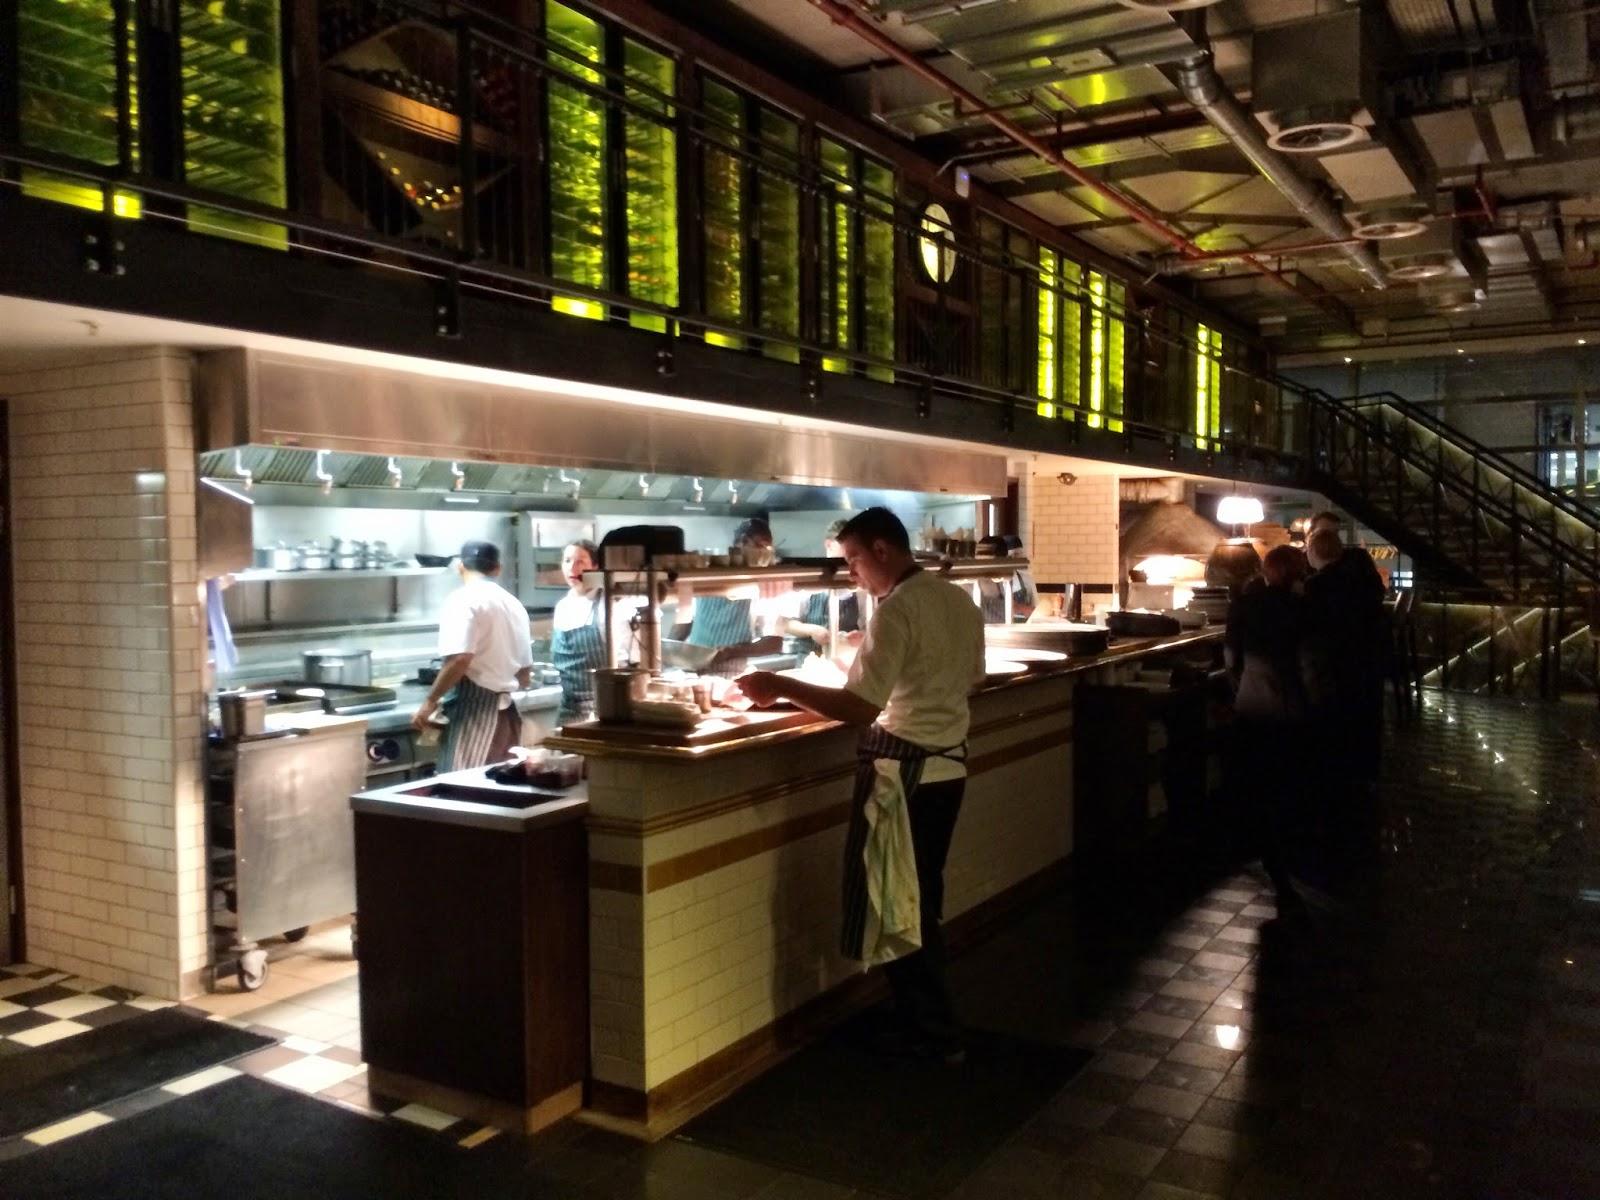 The kitchen area - Bread Street Kitchen, London